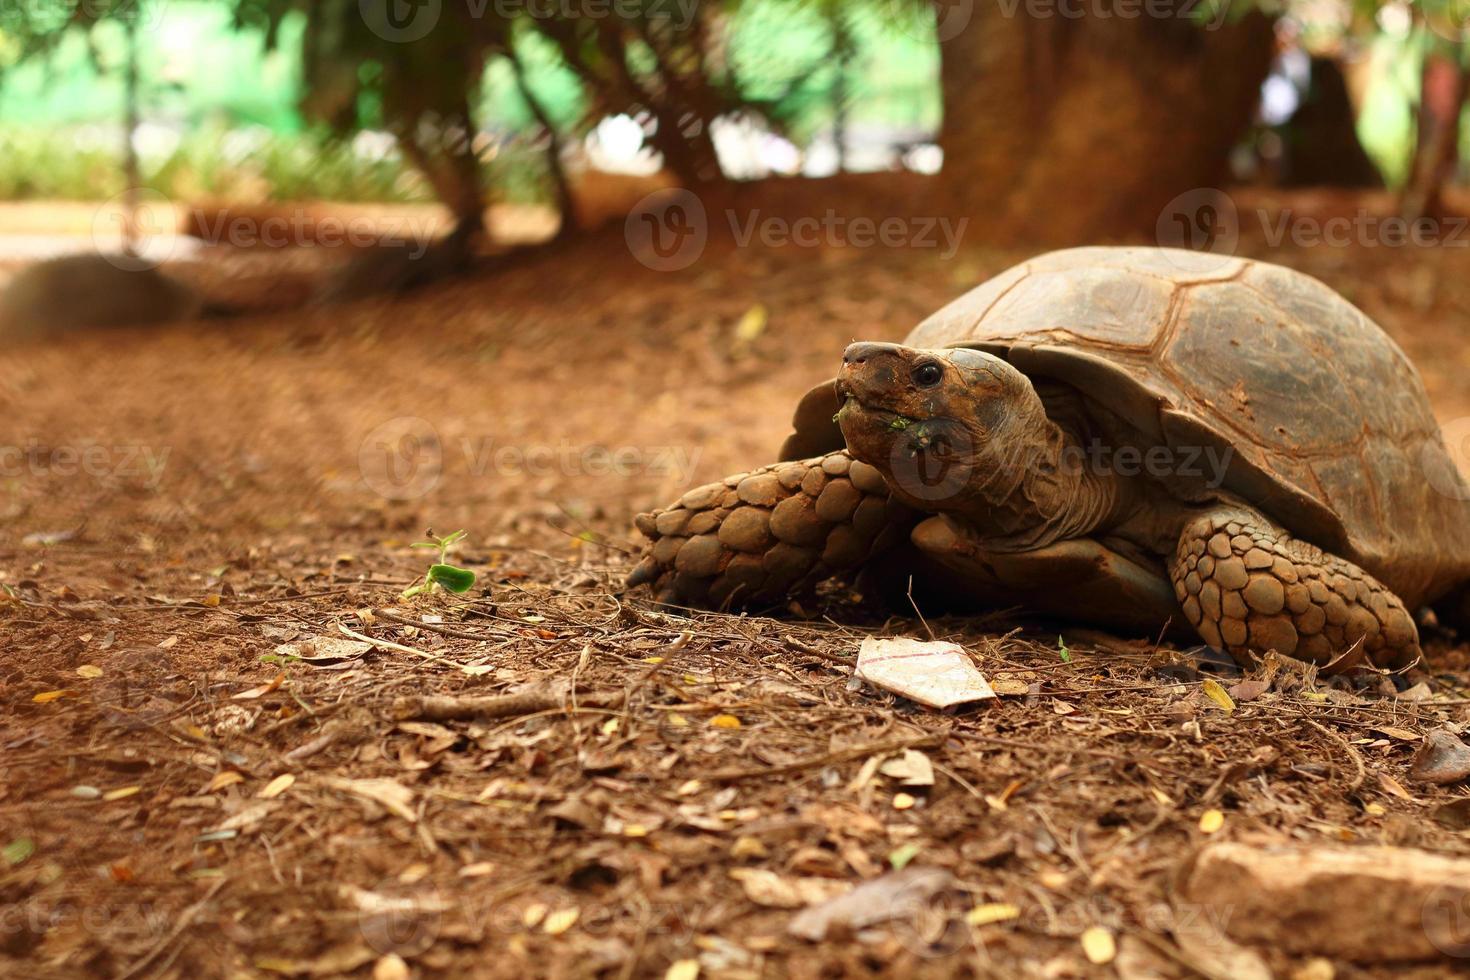 kriechende Schildkröte in der Natur foto